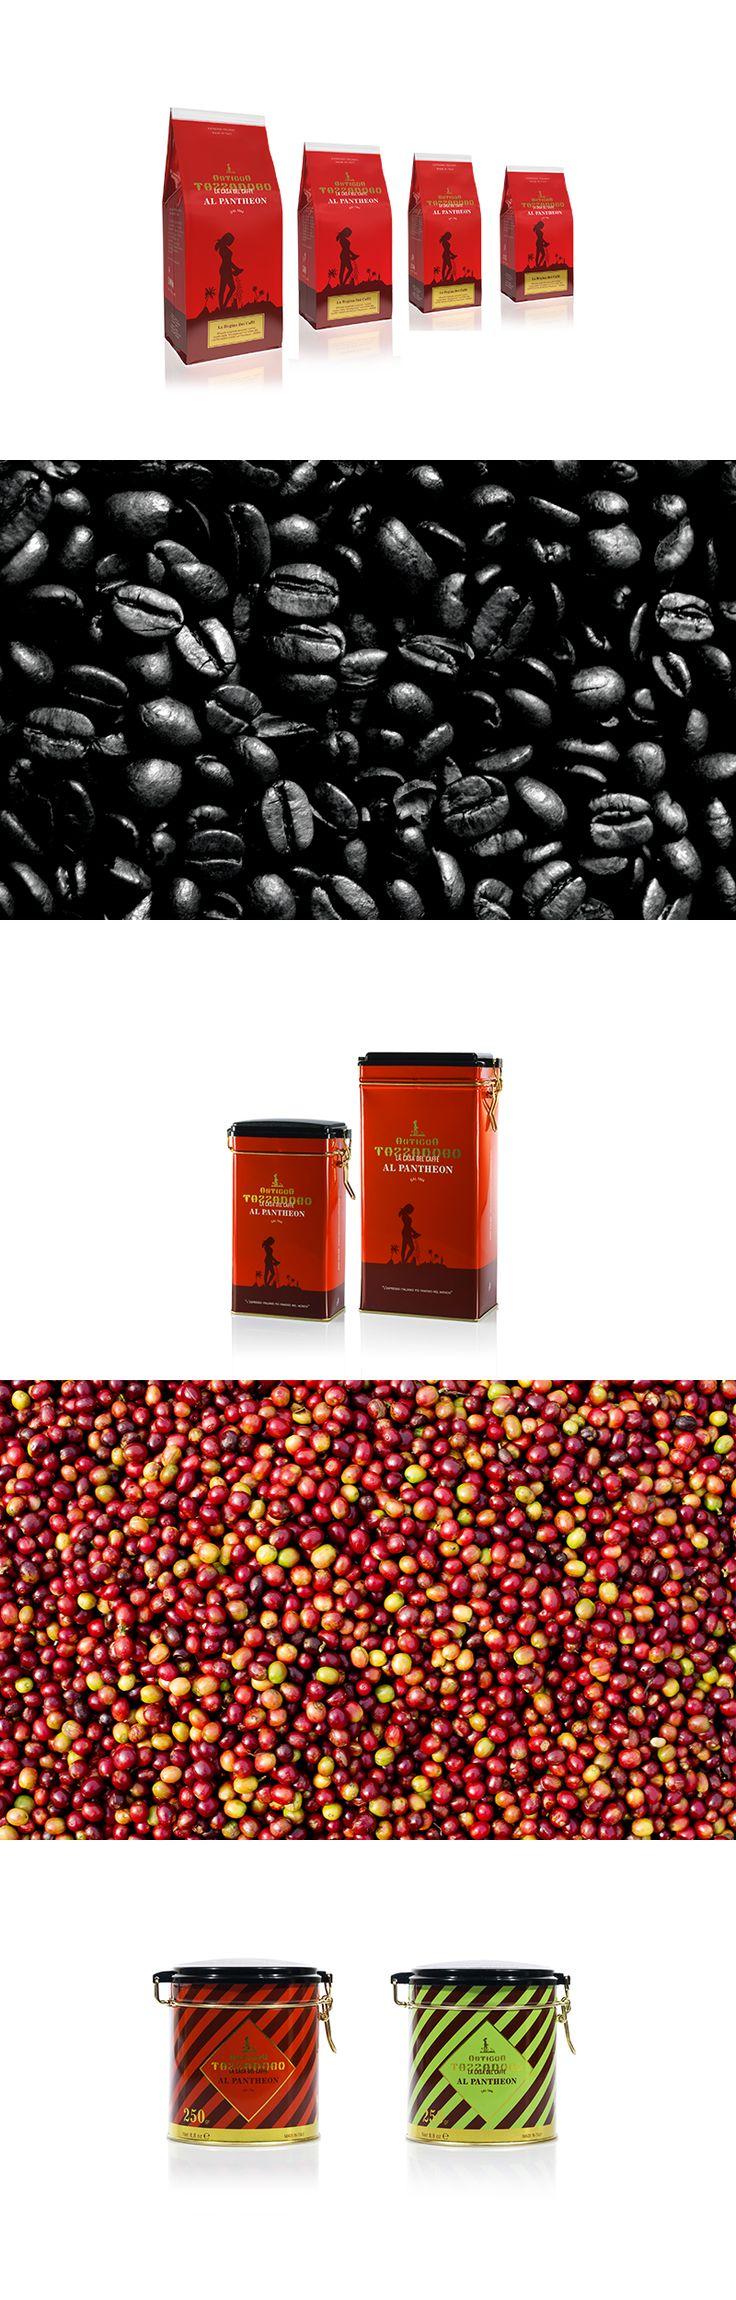 Ideazione e progettazione delle confezioni per il caffè per la torrefazione Antigua Tazza D'oro. #coffee #packaging #design